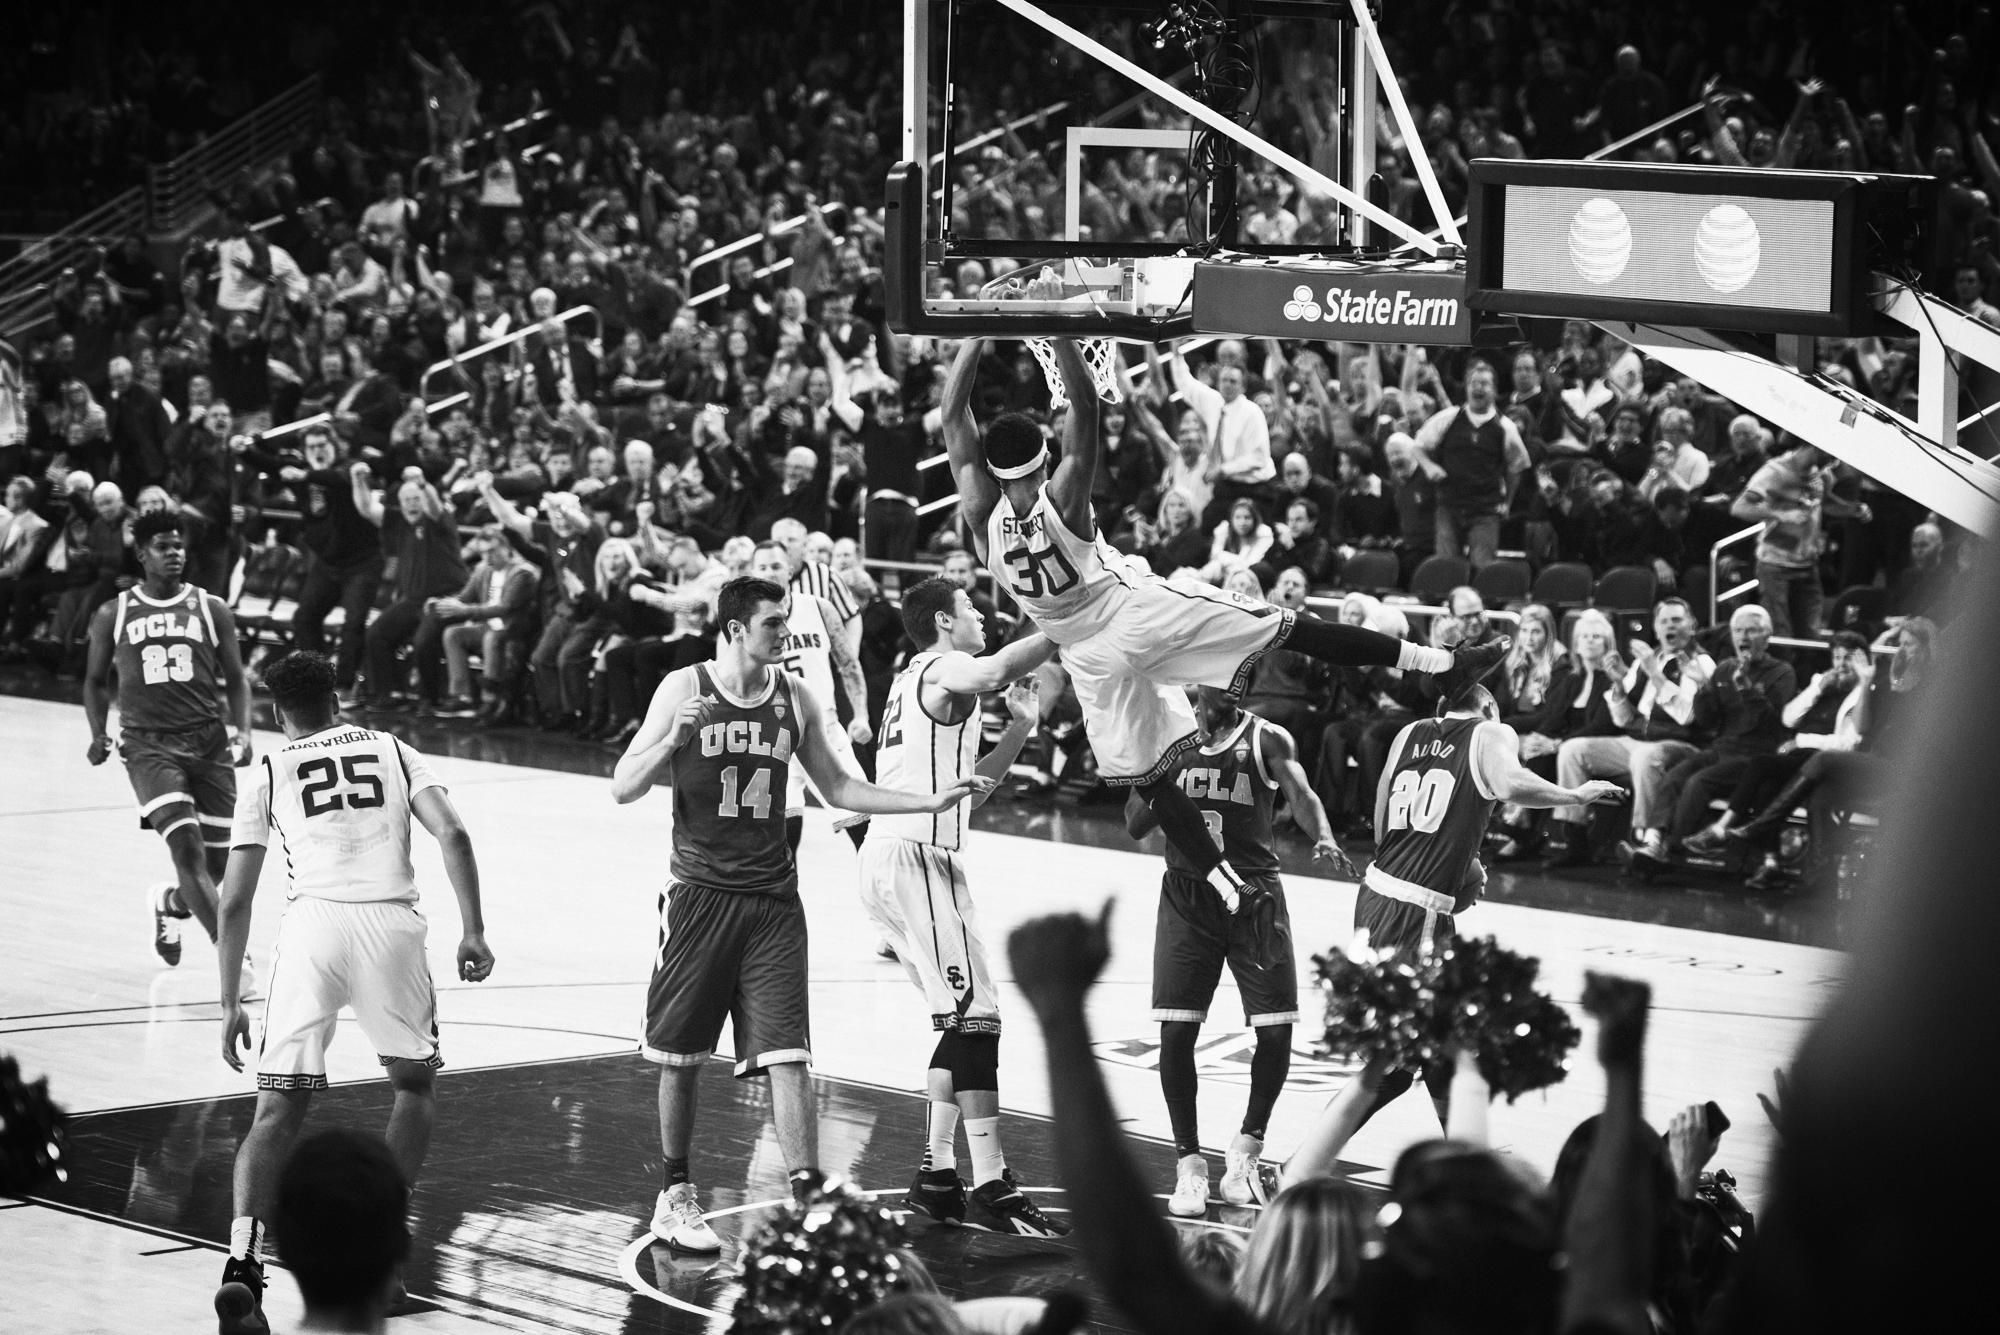 Dondonyan_basketball-7013.jpg